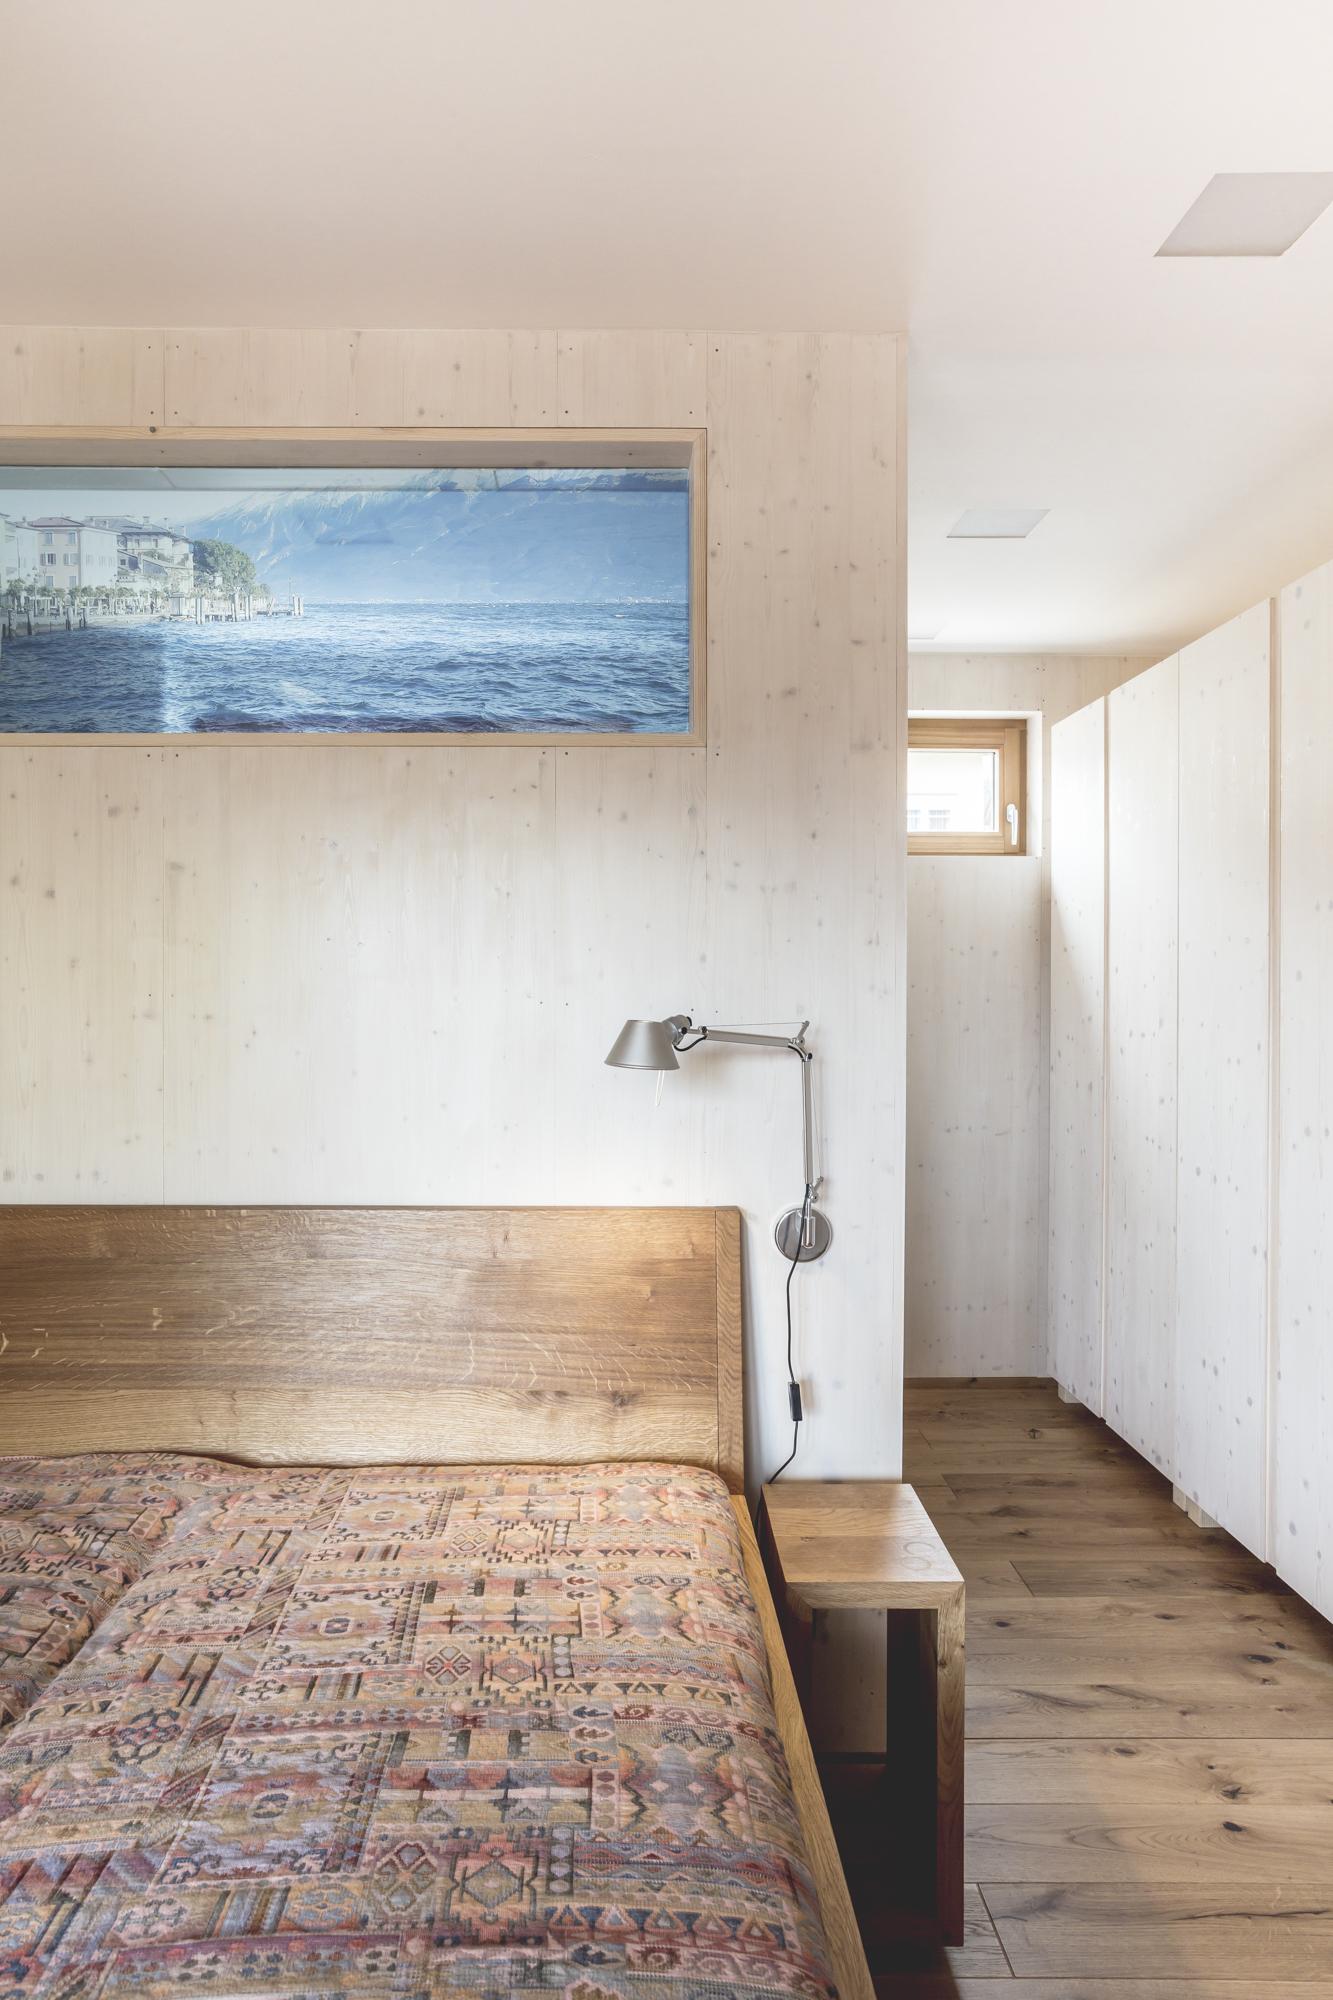 Möbel / Küchen / Interieur / Design